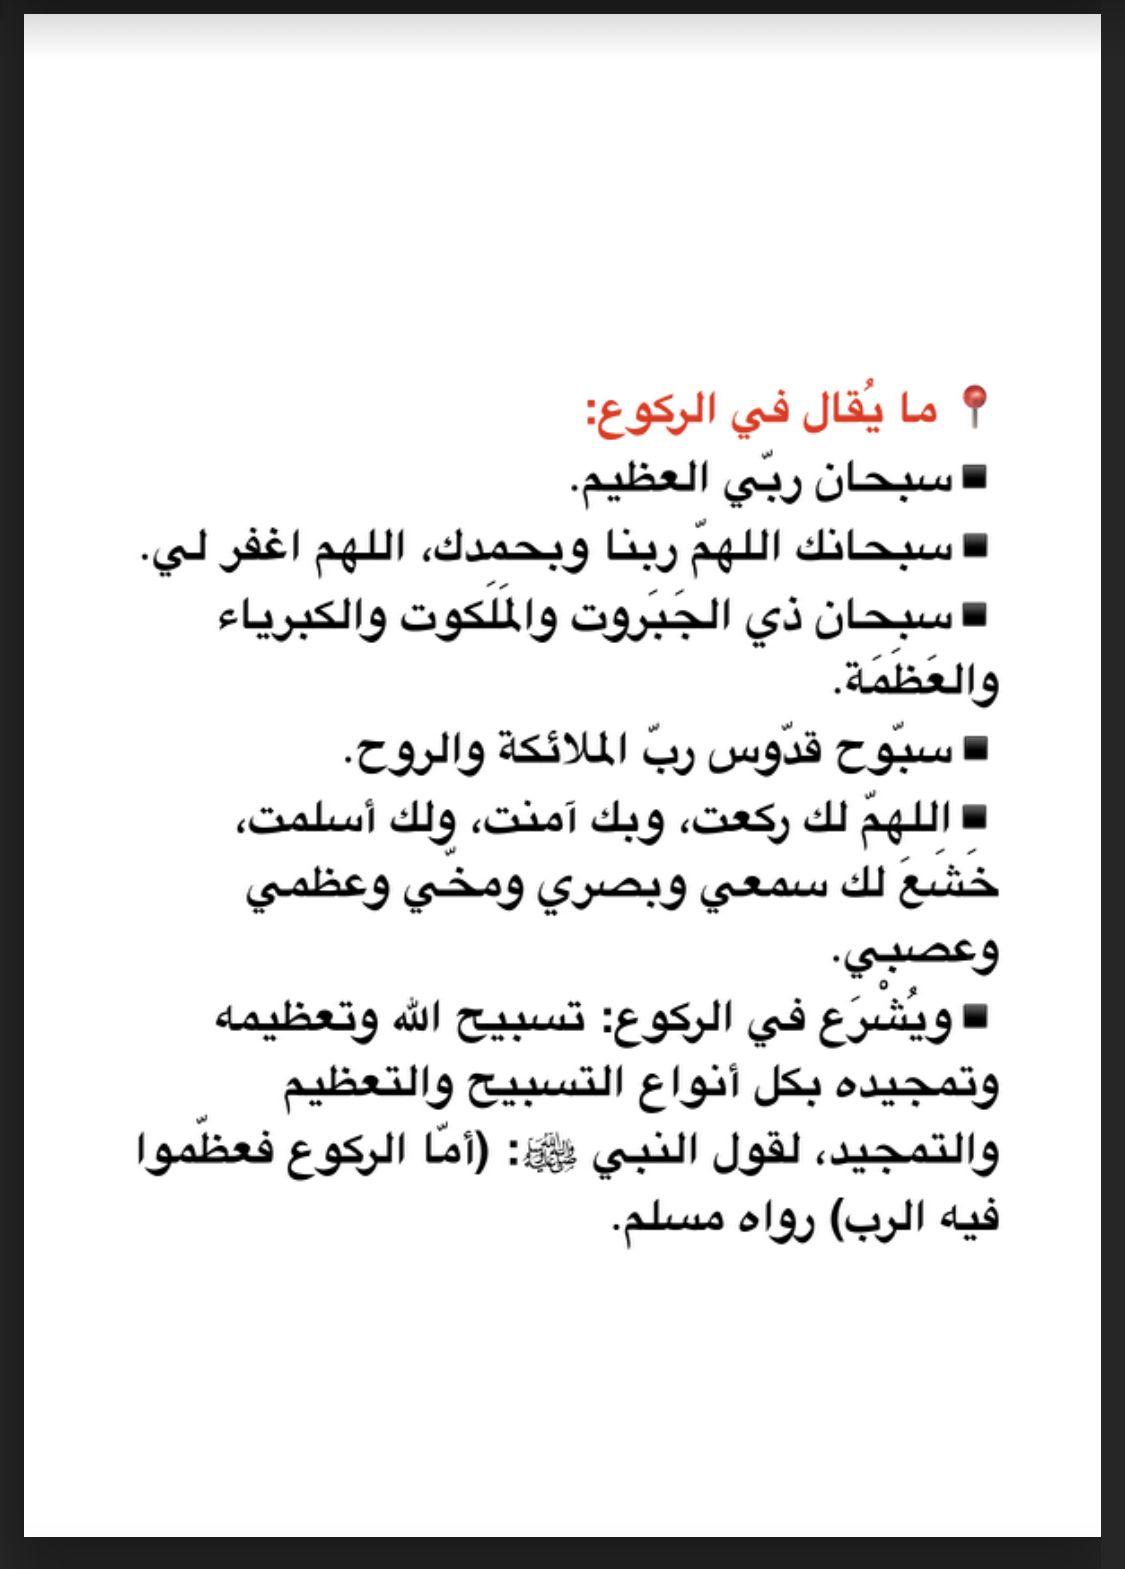 مايقال في صلاة التهجد 2 Islamic Prayer I Am Awesome Prayers